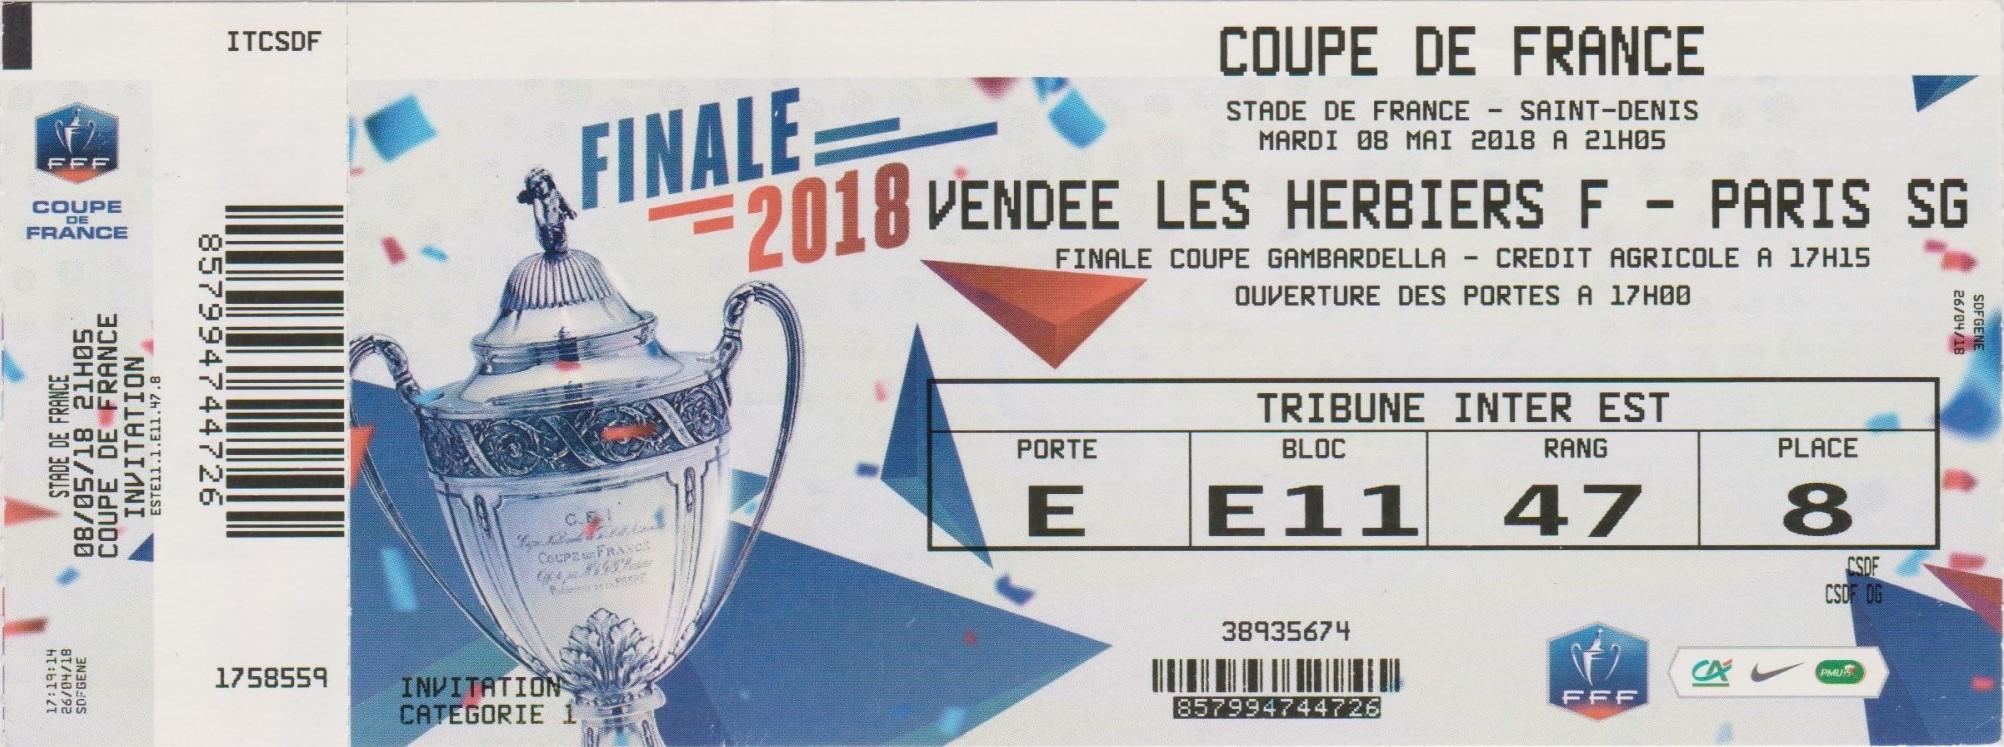 2018 : Paris SG bat Les Herbiers Vendée  2 - 0